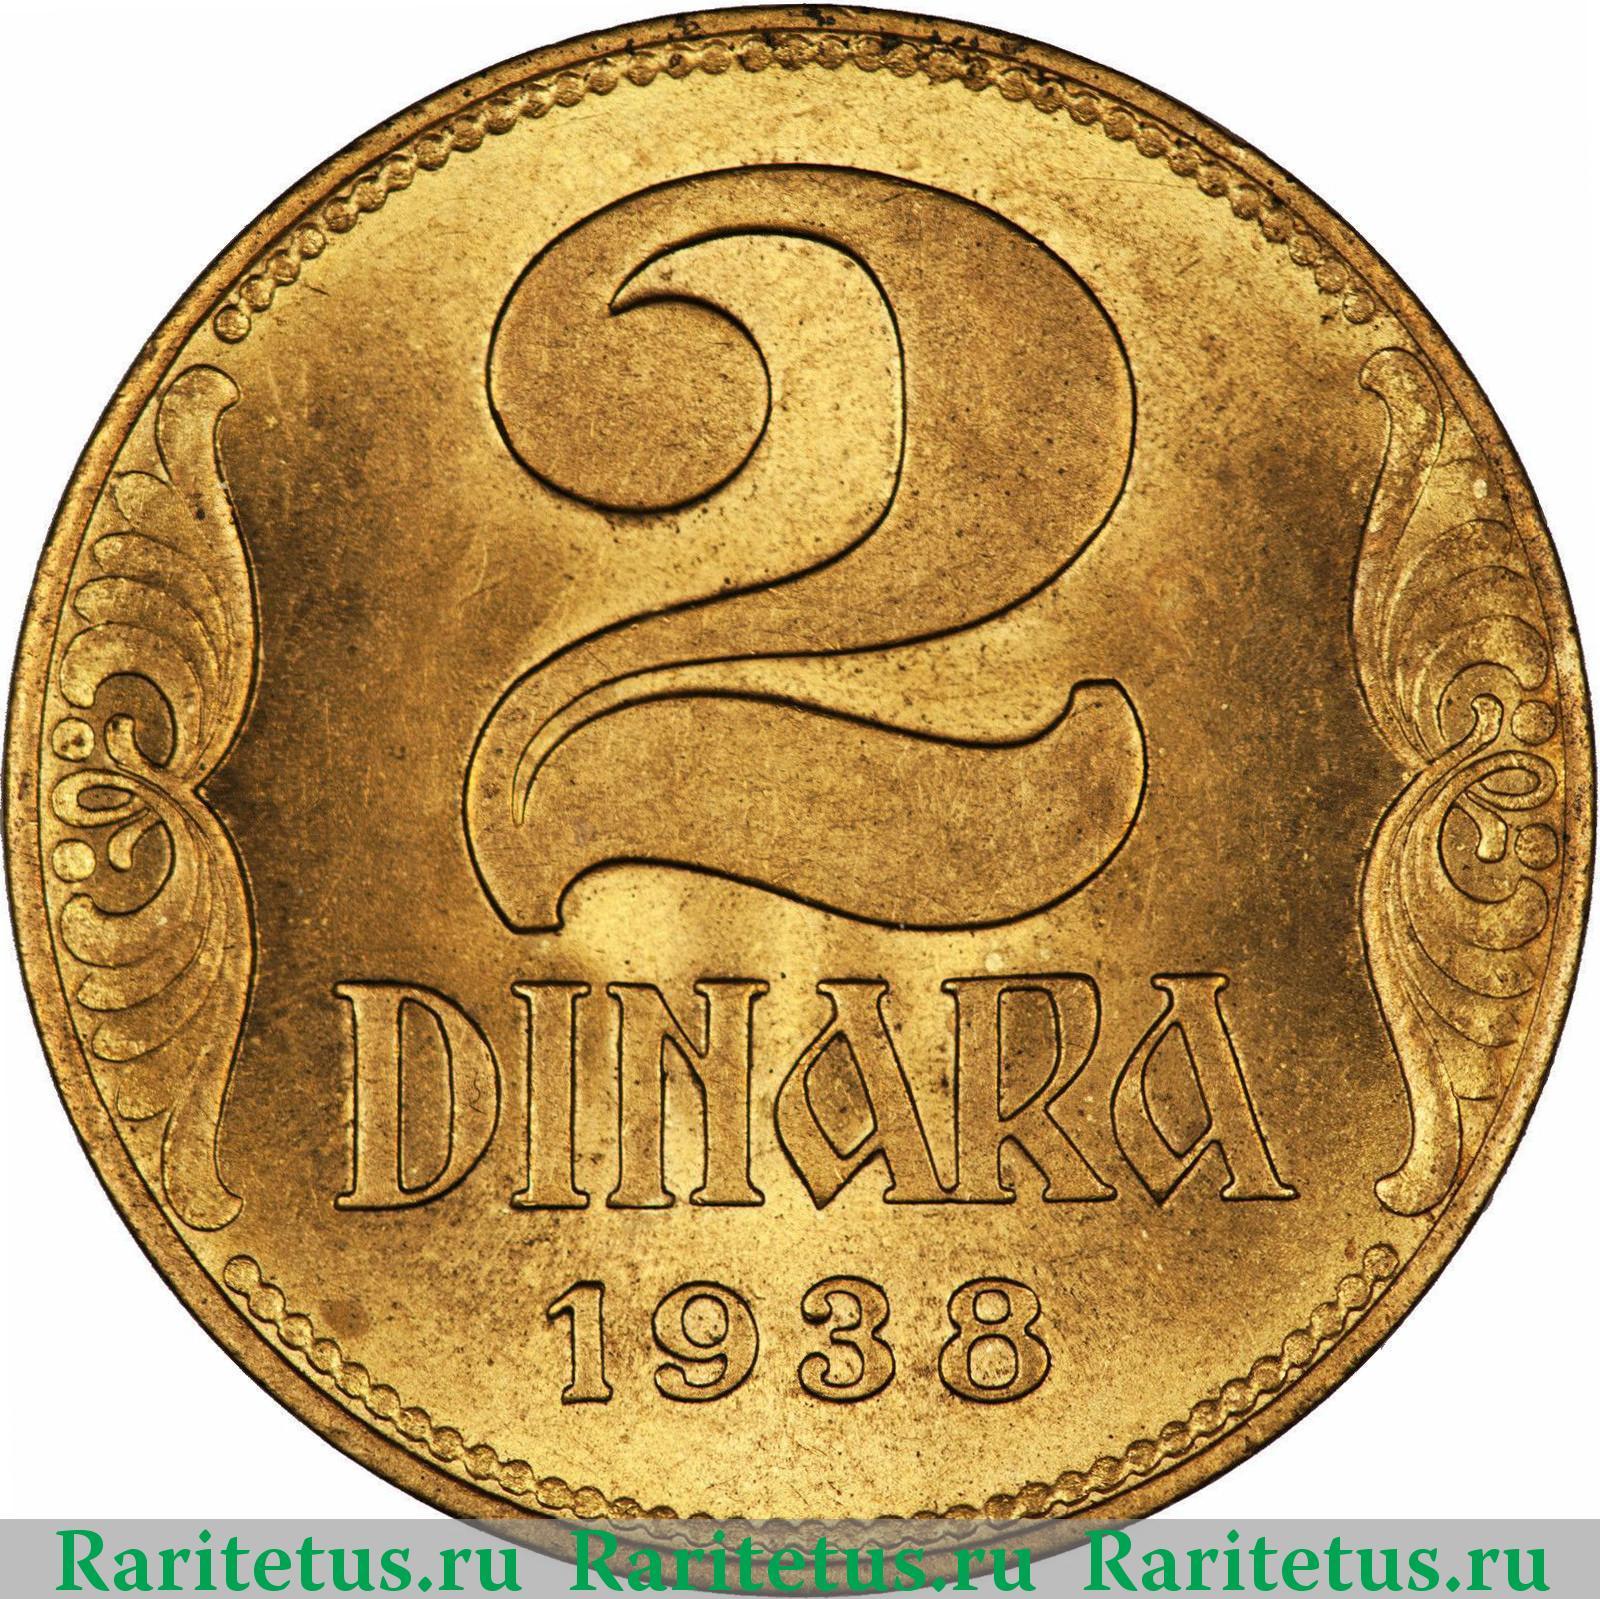 2 динара 1938 белгород 10 рублей цена